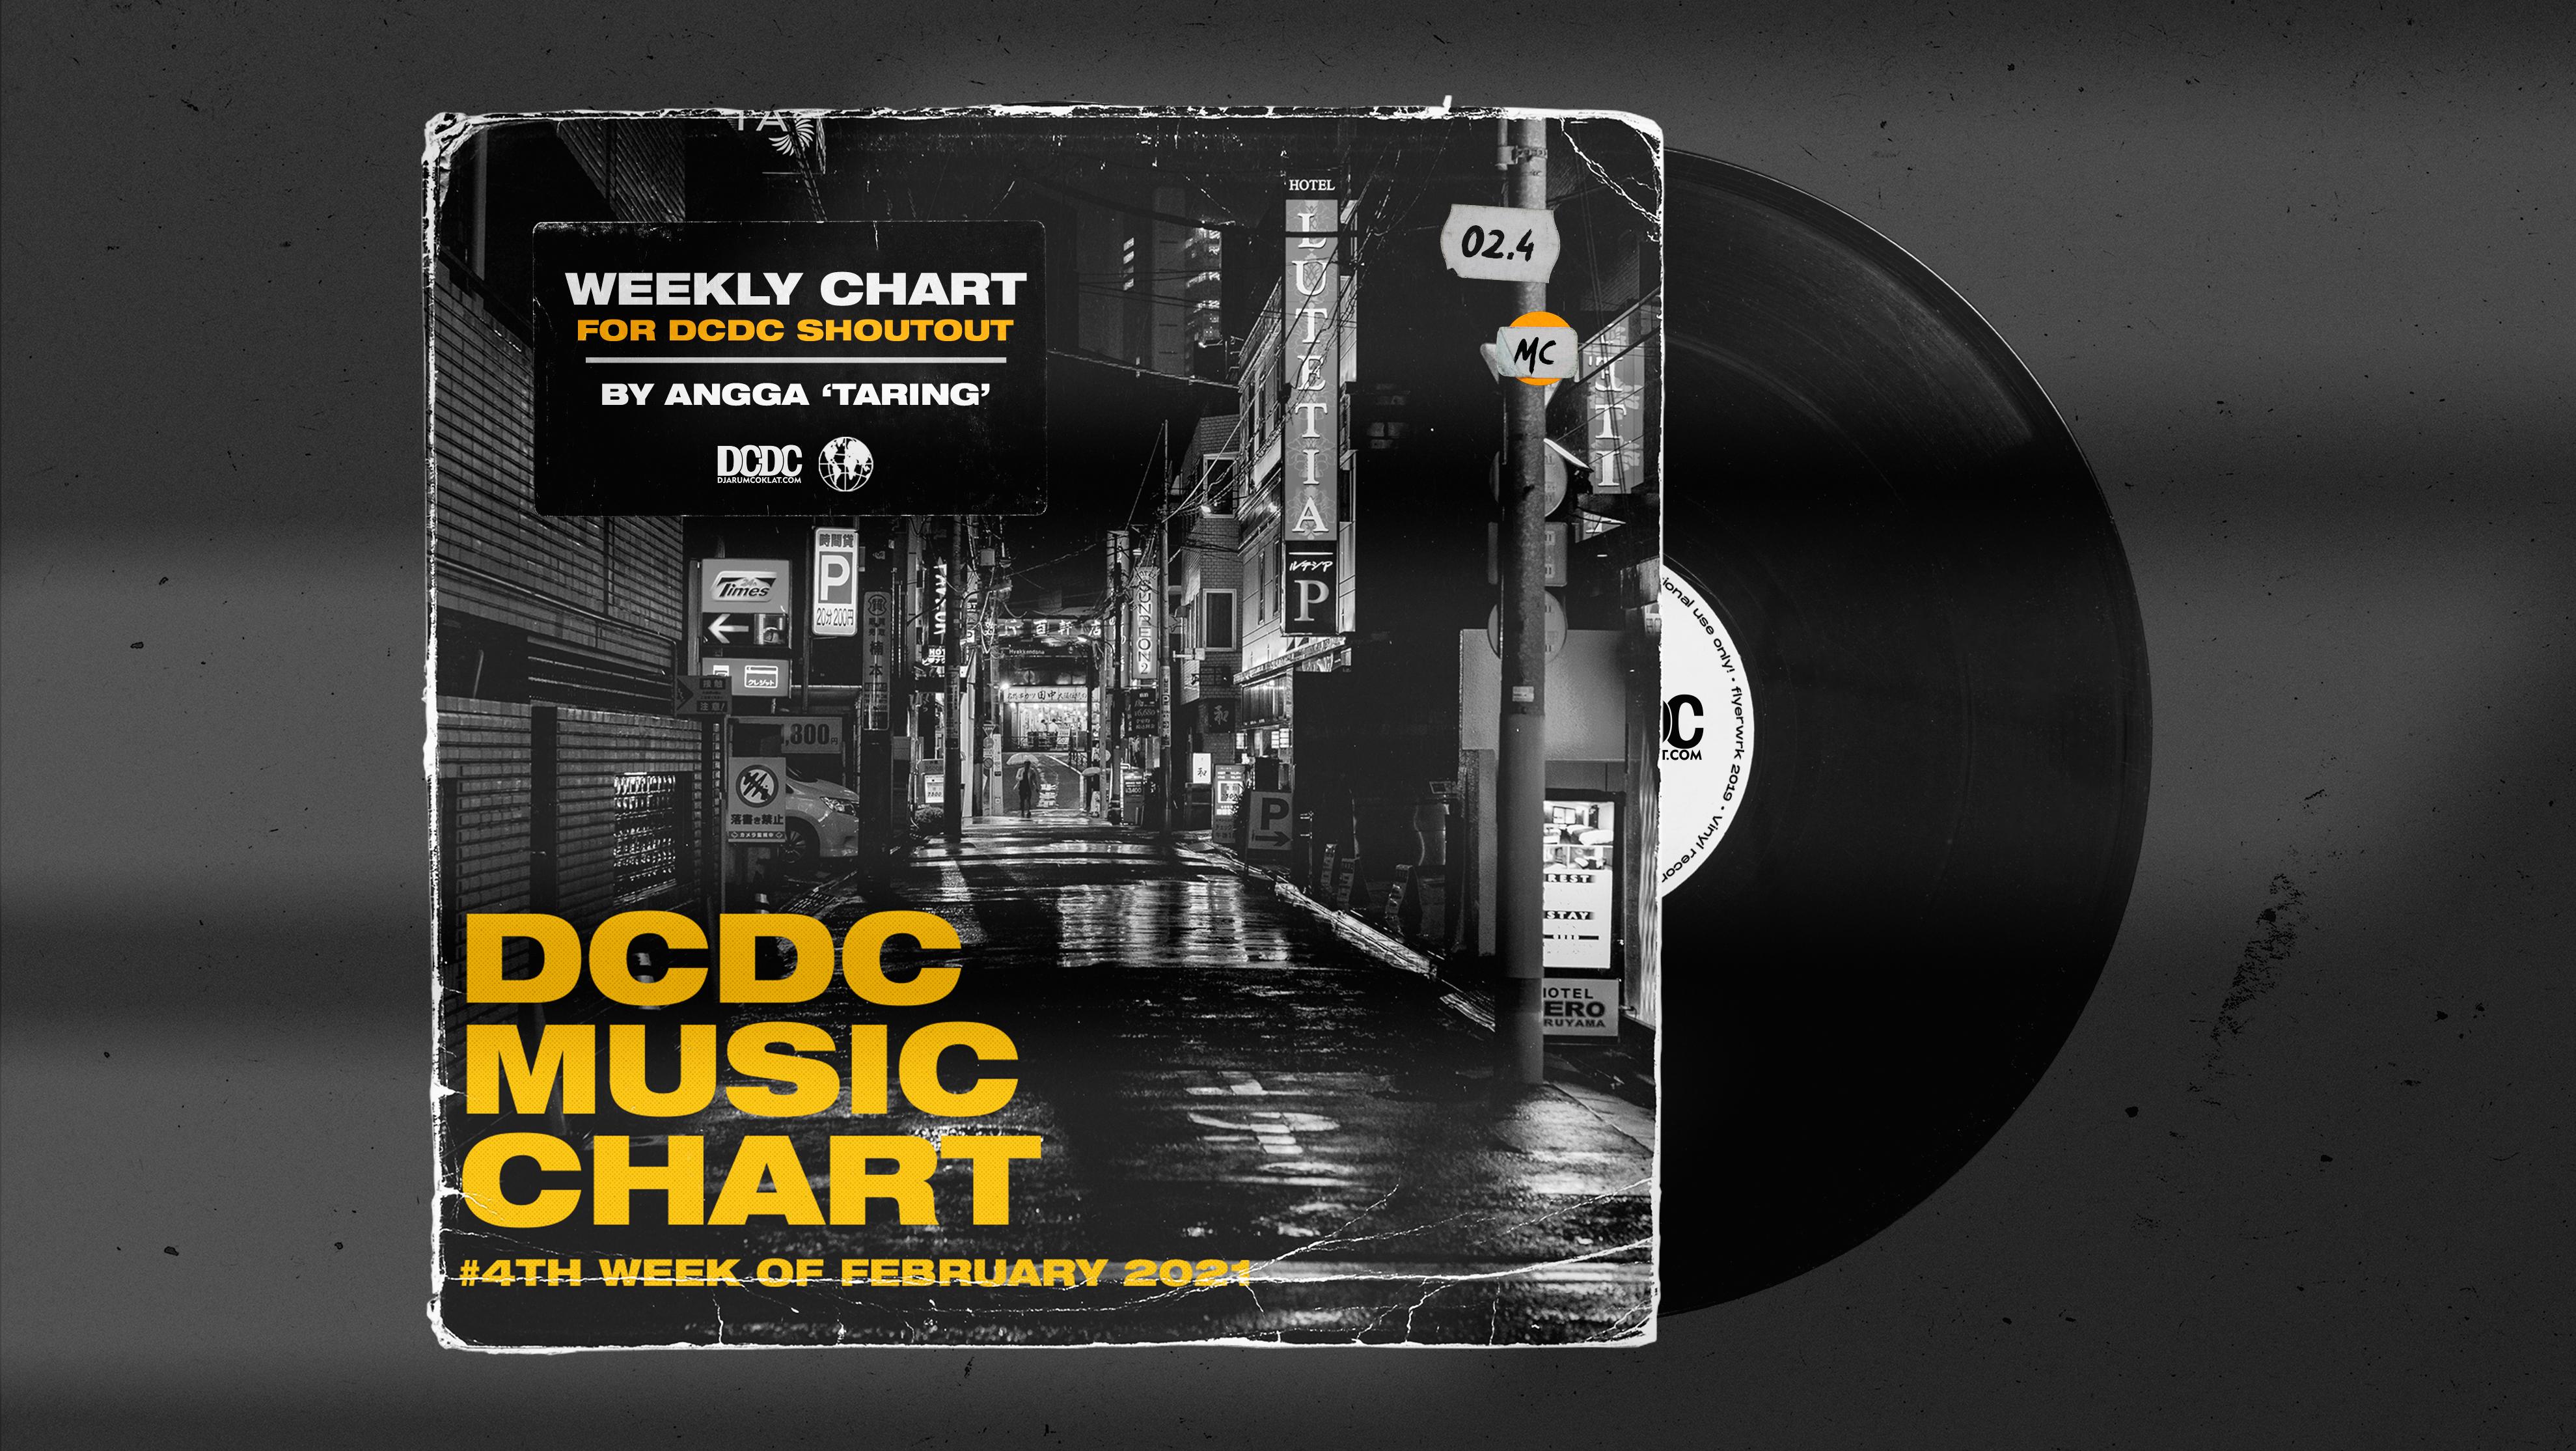 DCDC Music Chart - #4th Week of Februari 2021